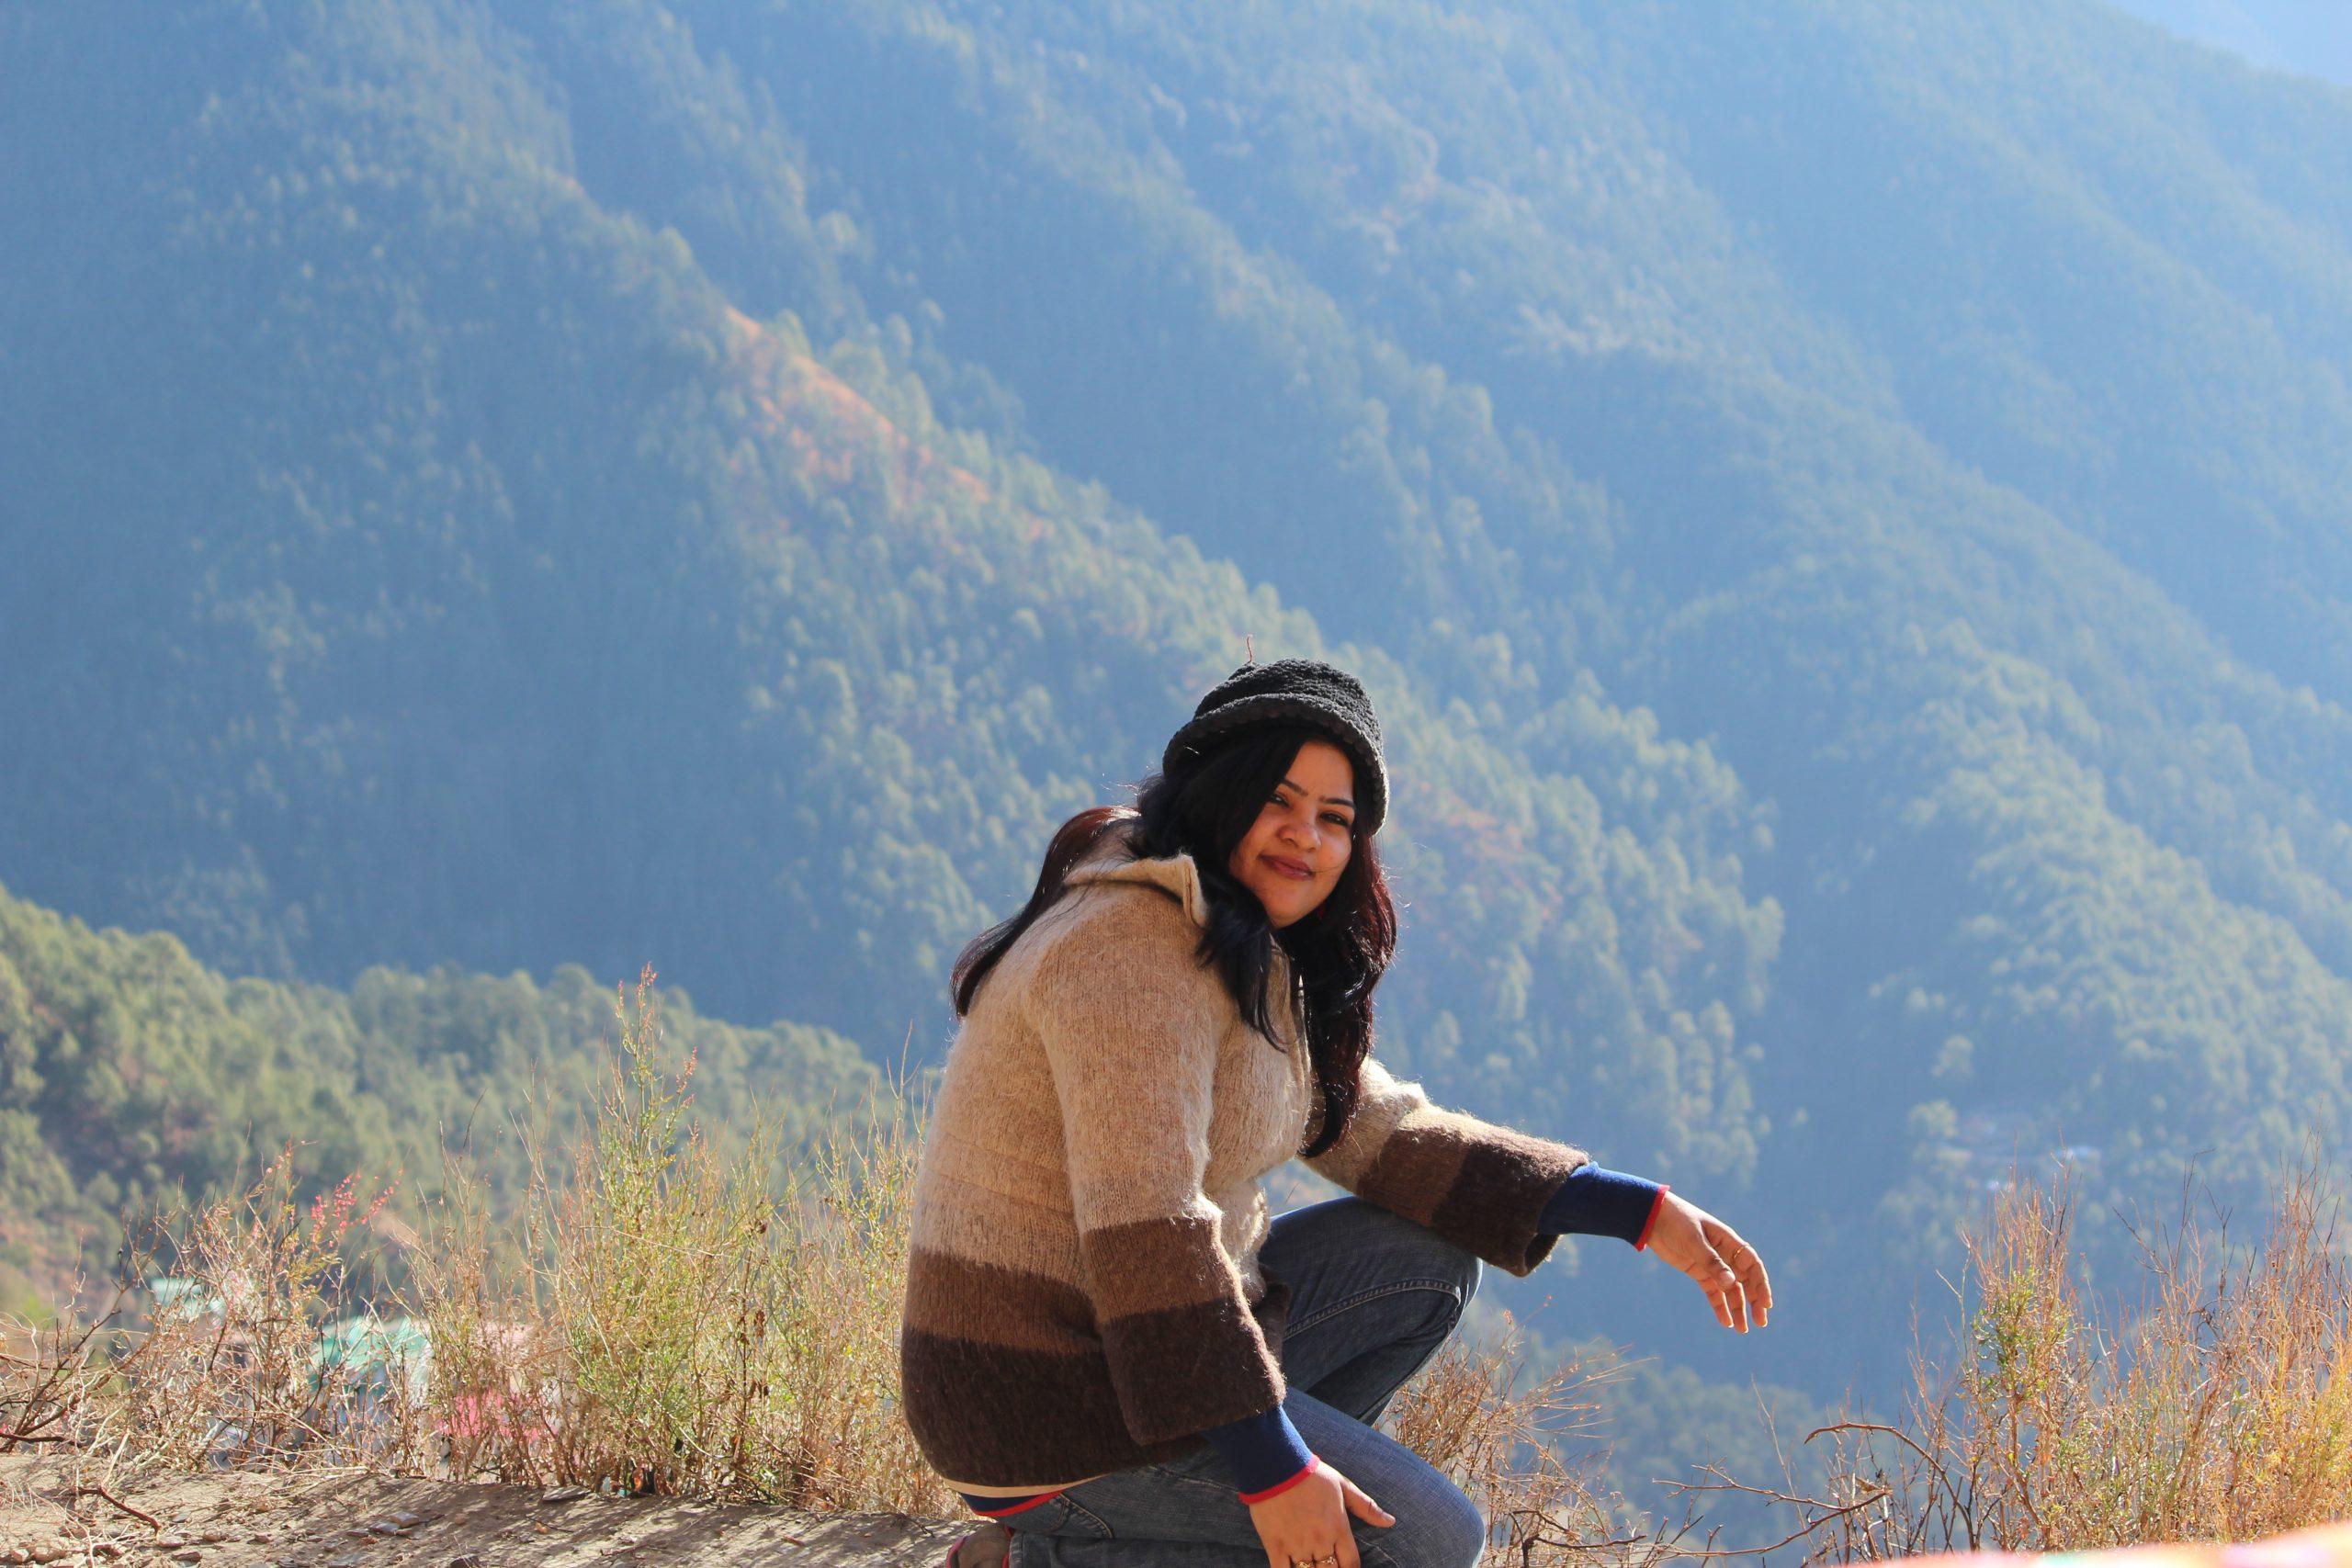 girl posing in mountains